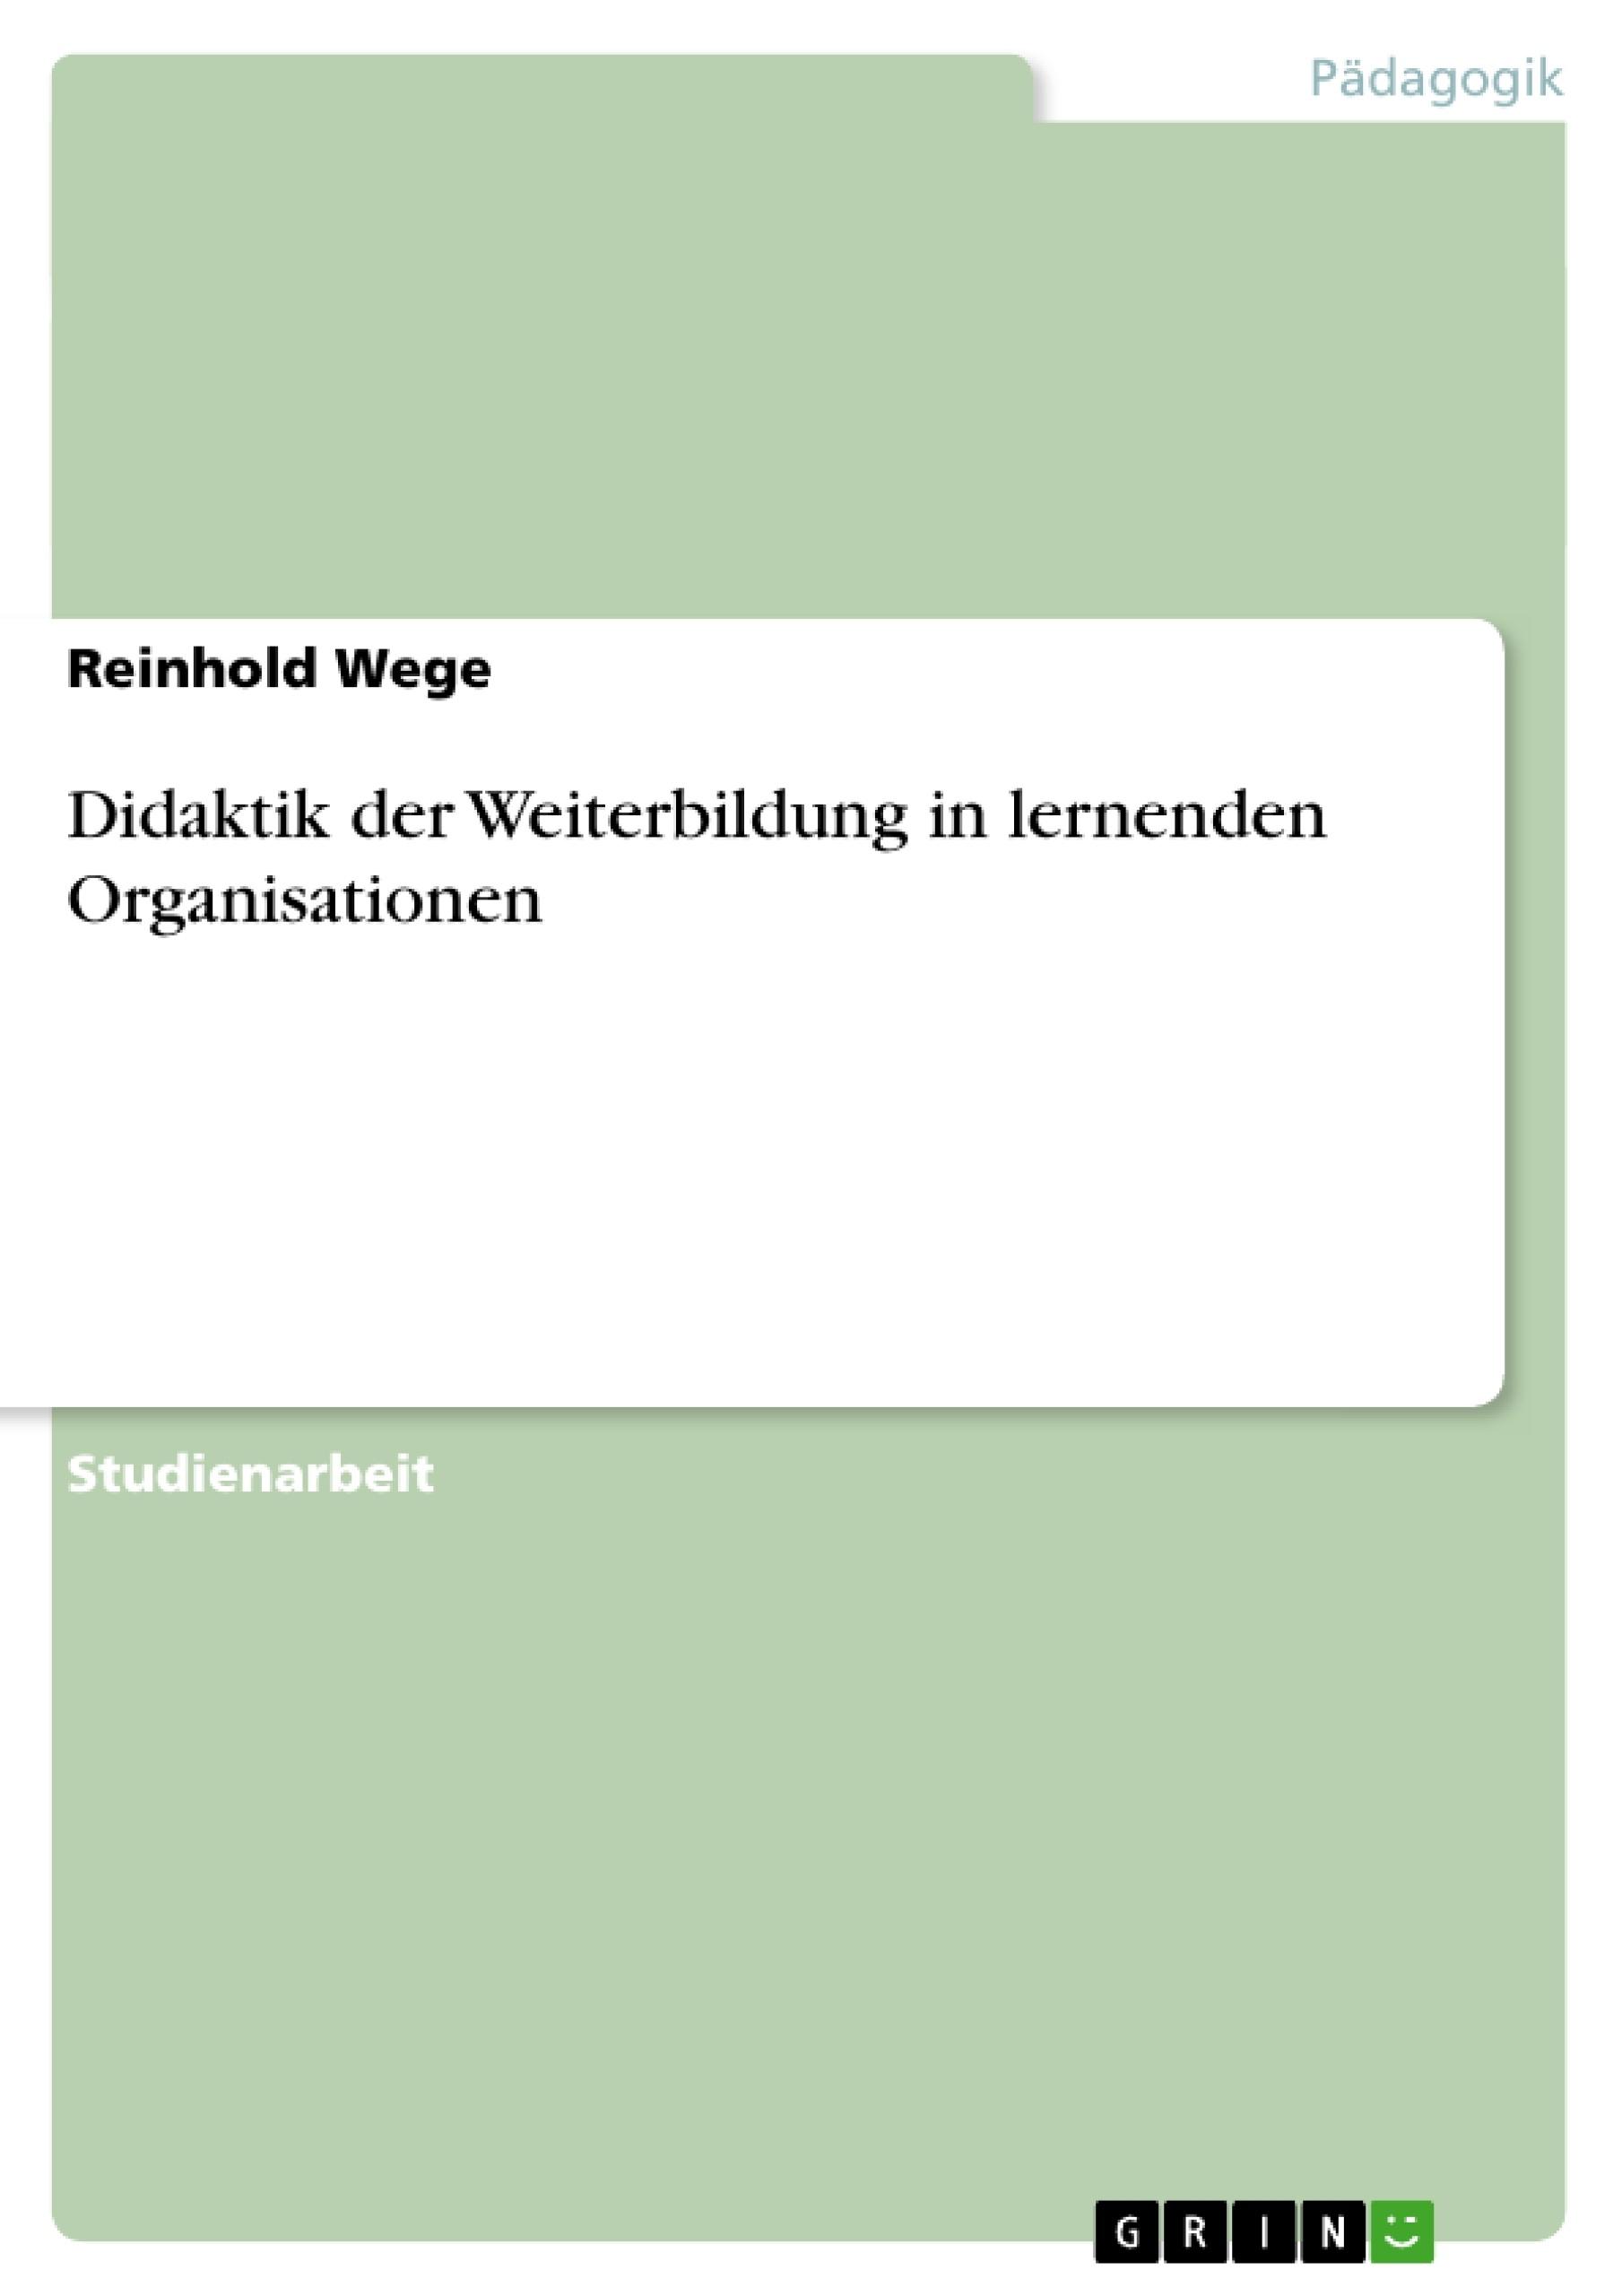 Titel: Didaktik der Weiterbildung in lernenden Organisationen